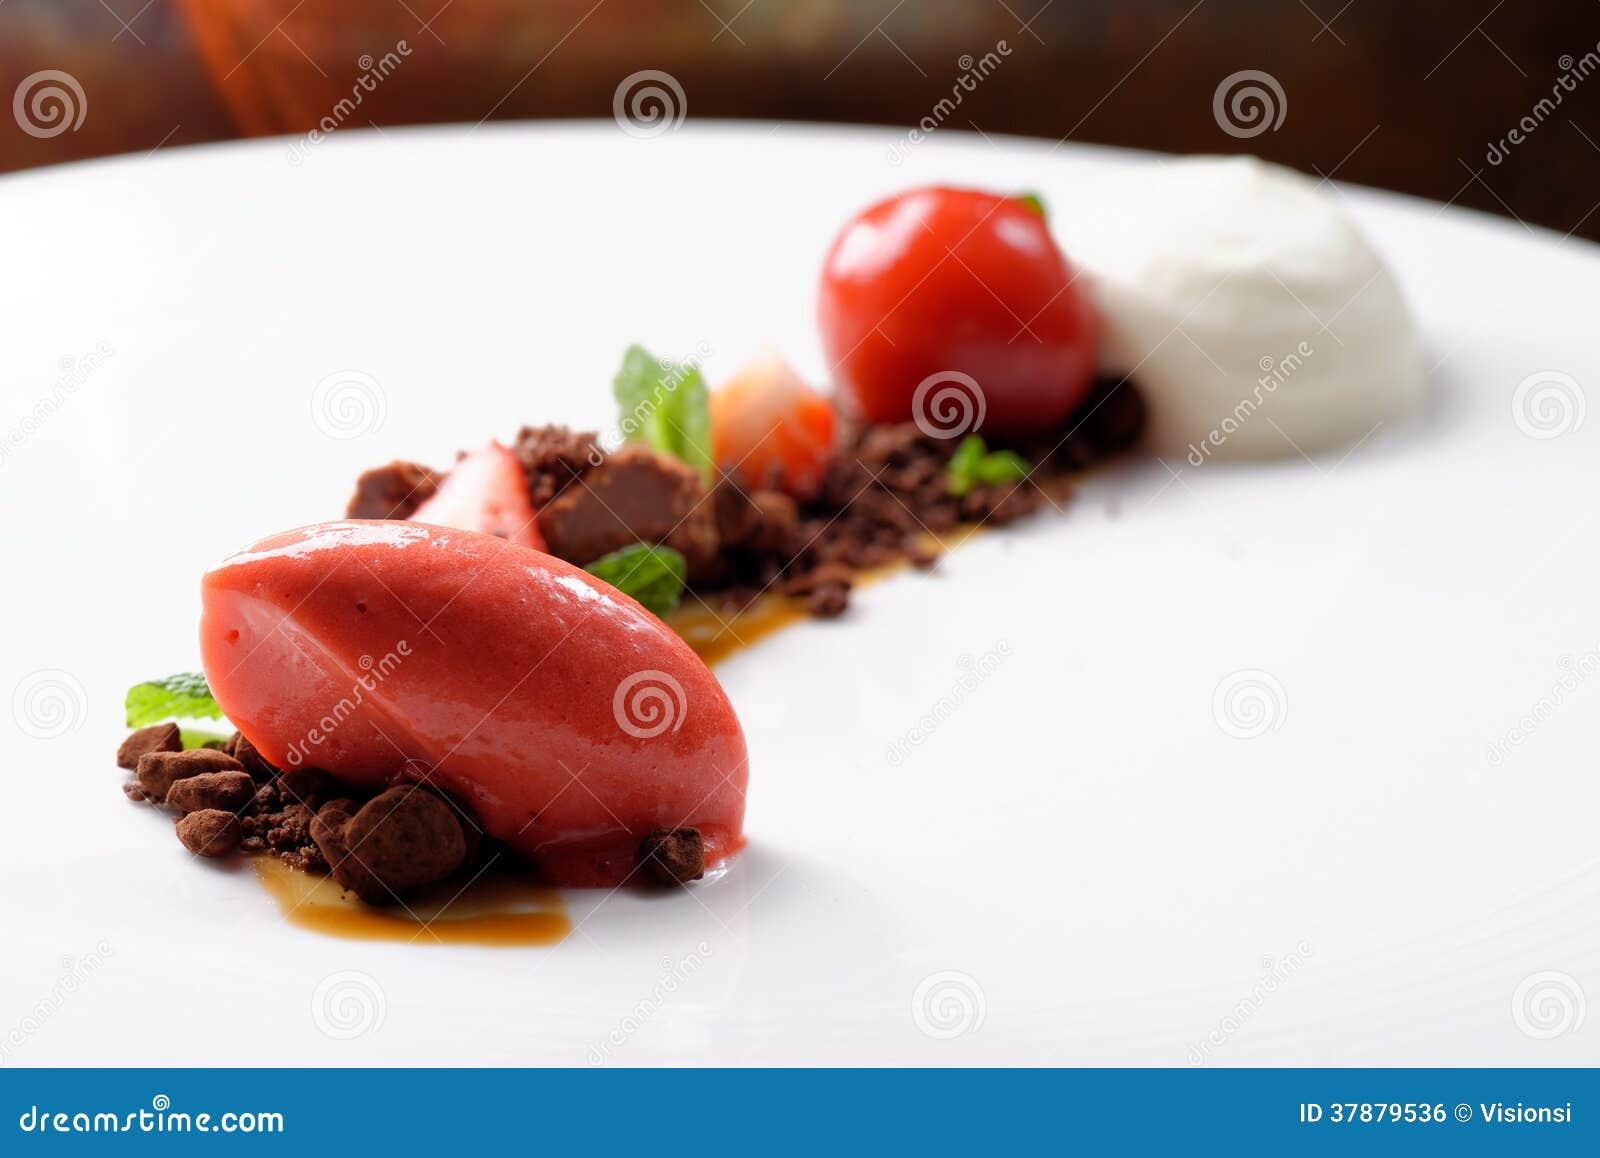 Fijn het dineren dessert, Aardbeiroomijs, chocolademousse